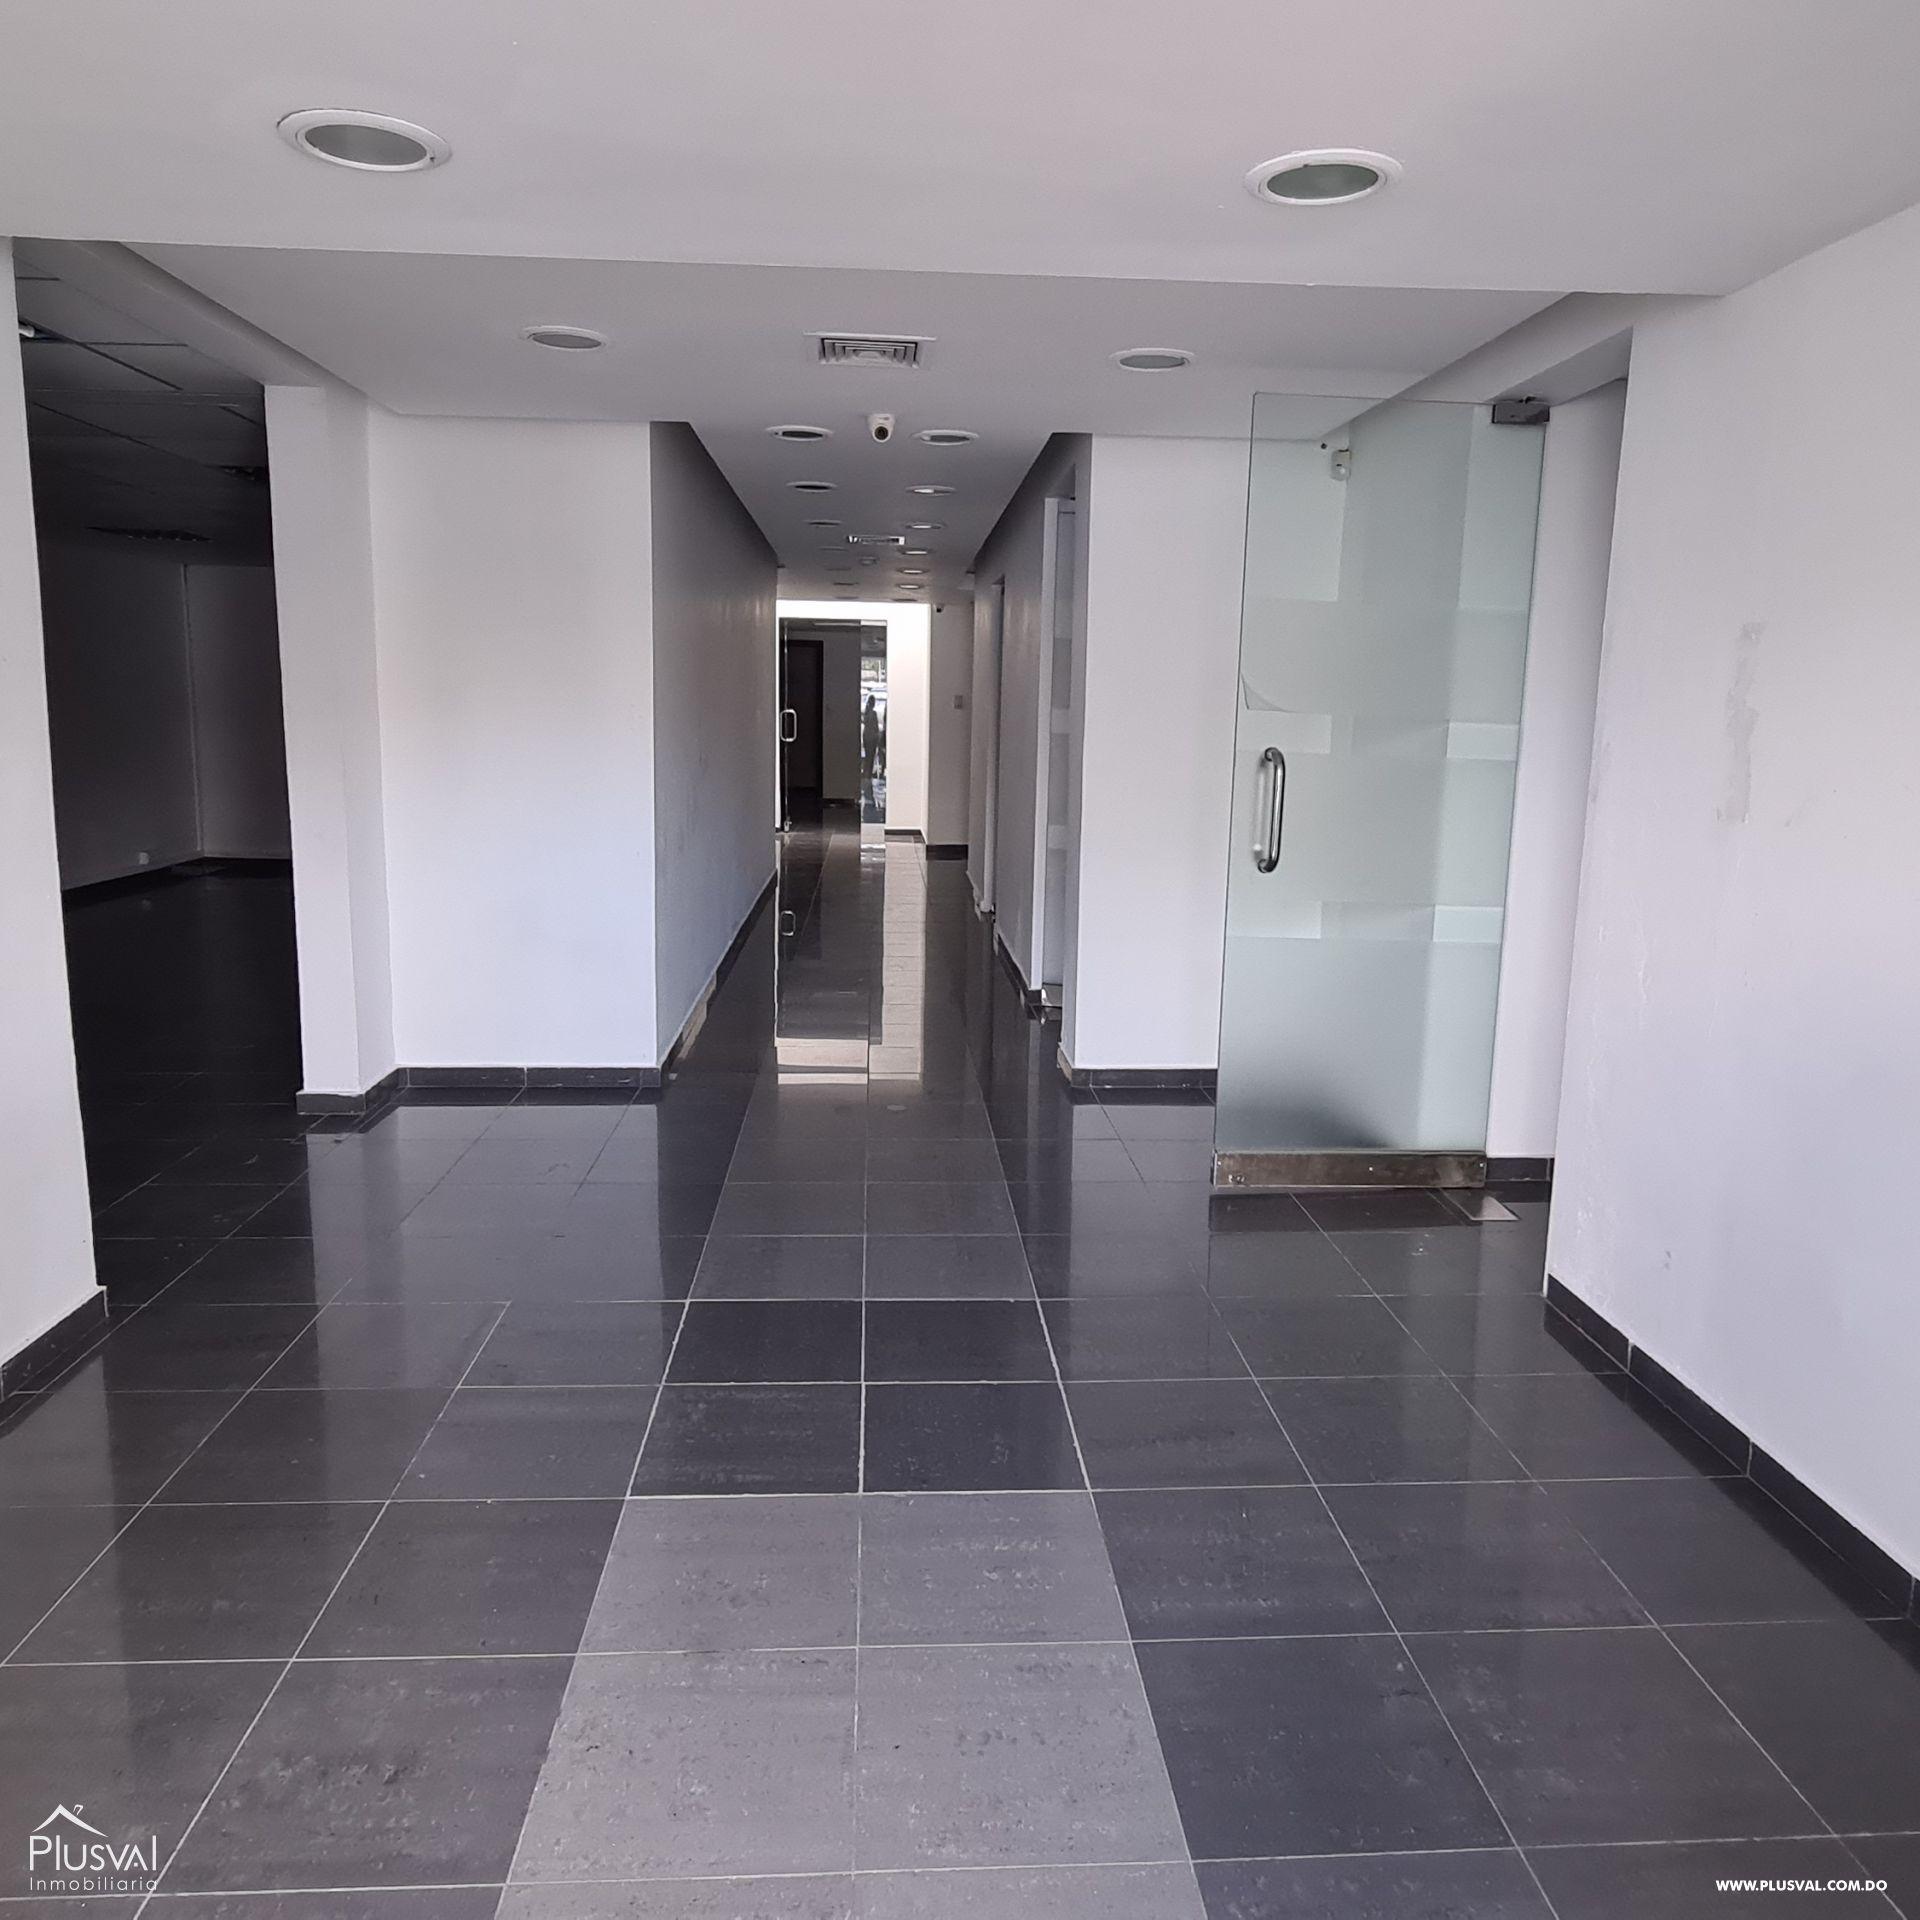 Local de oficinas en alquiler, Naco 188256